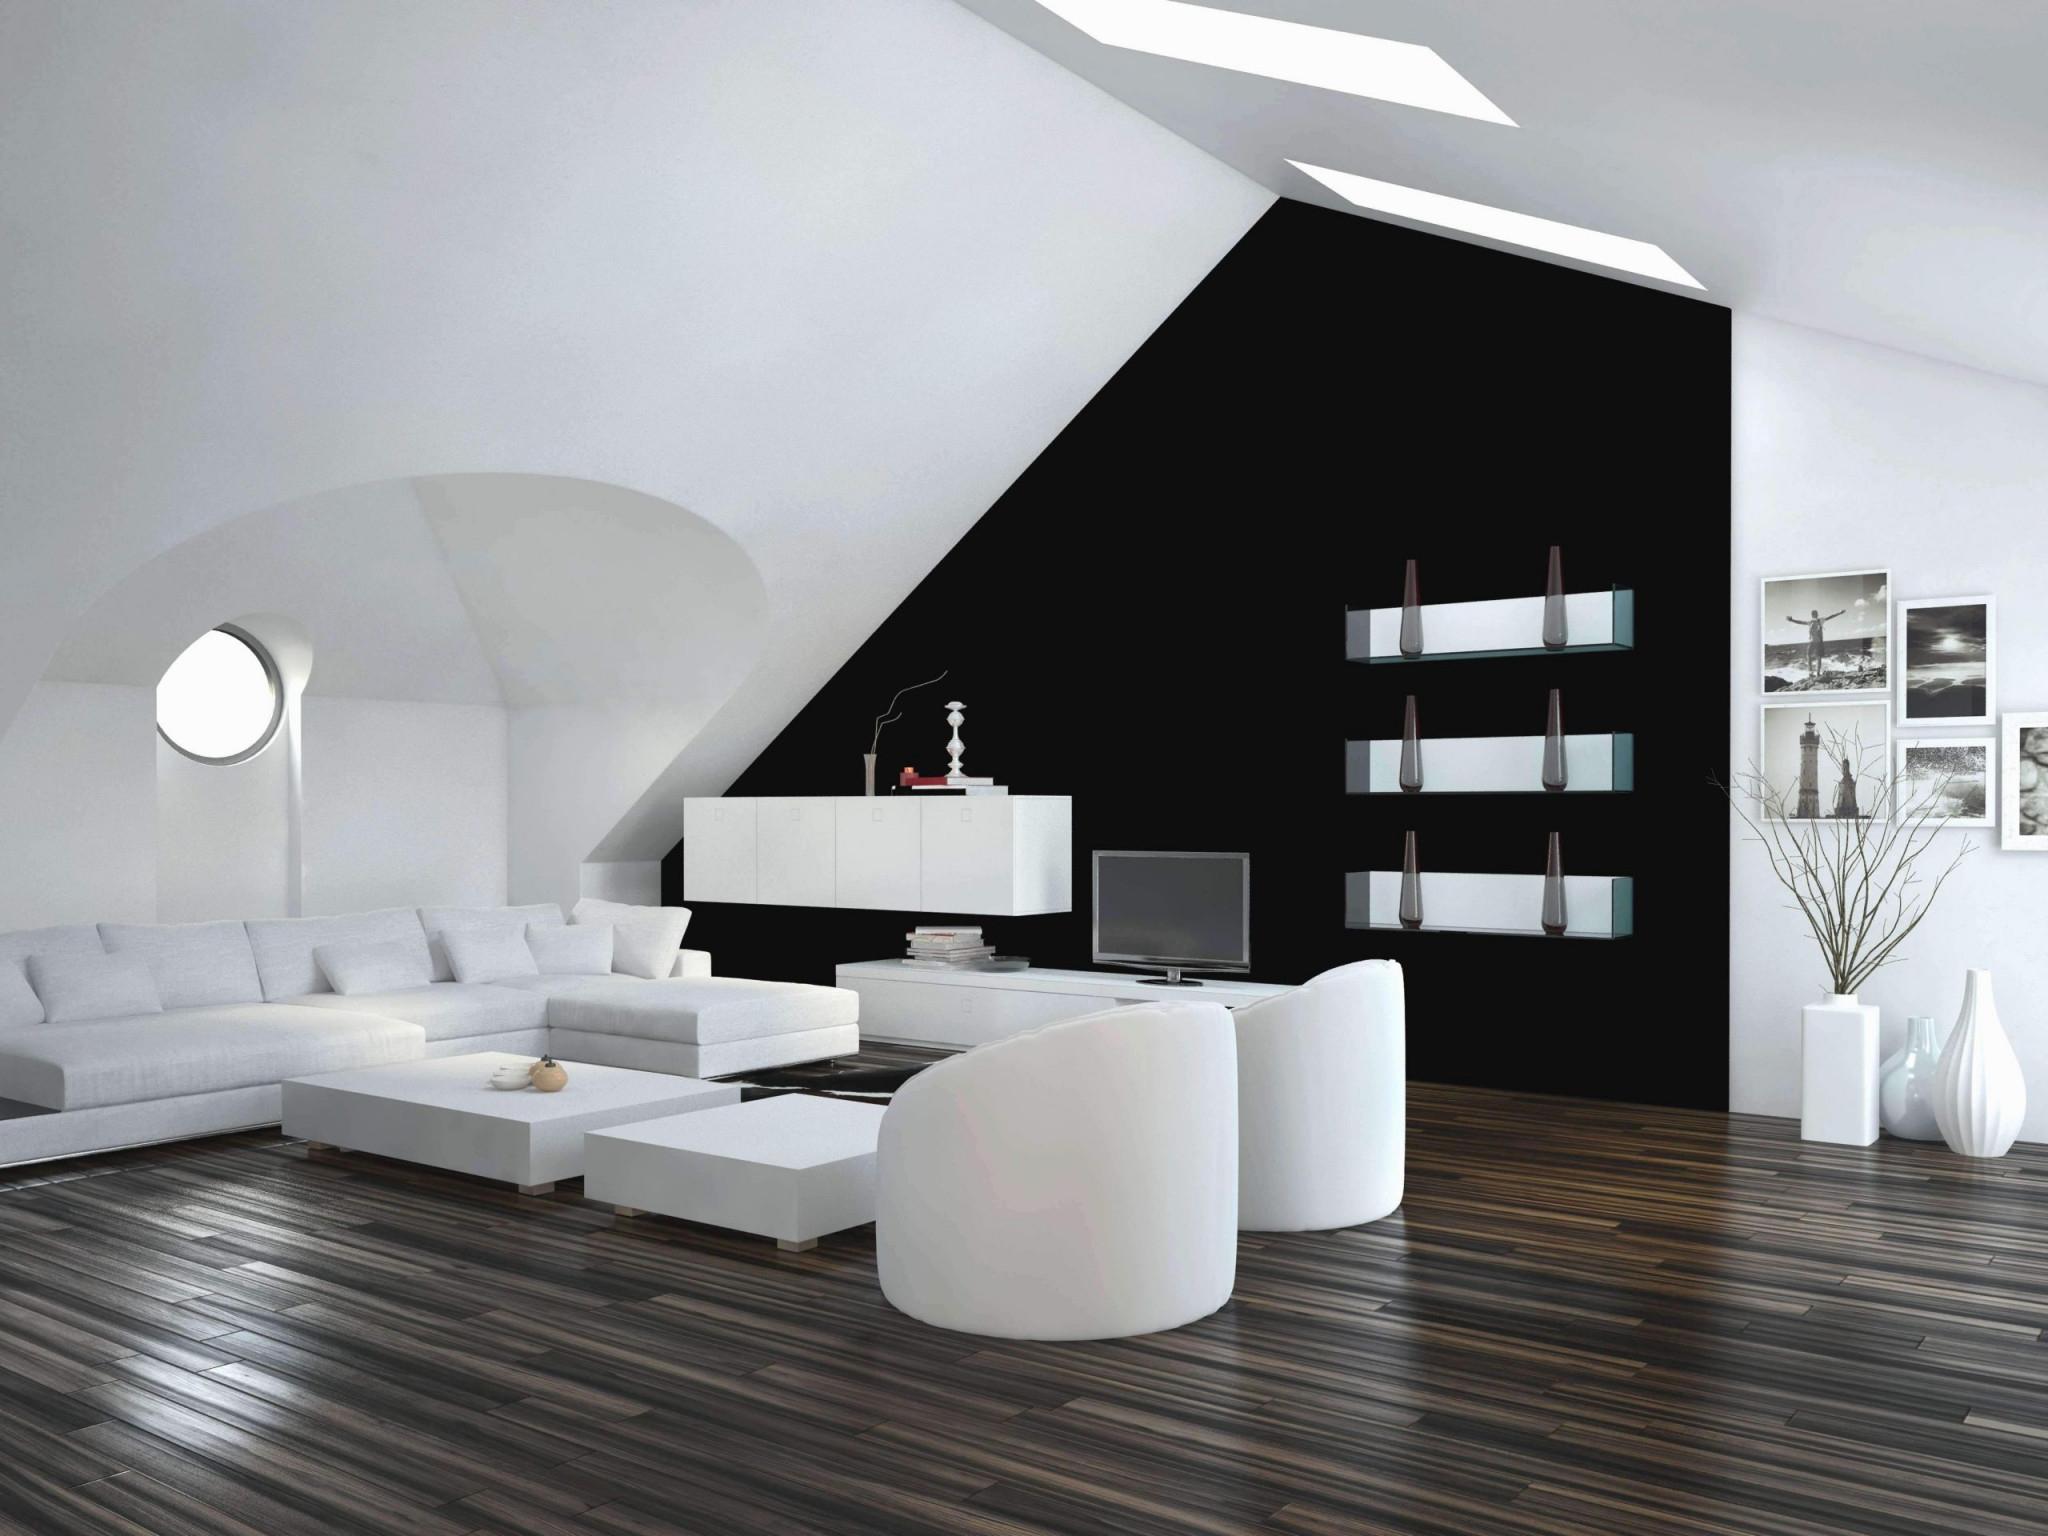 33 Luxus Deko Steinwand Wohnzimmer Das Beste Von von Wohnideen Wohnzimmer Deko Photo